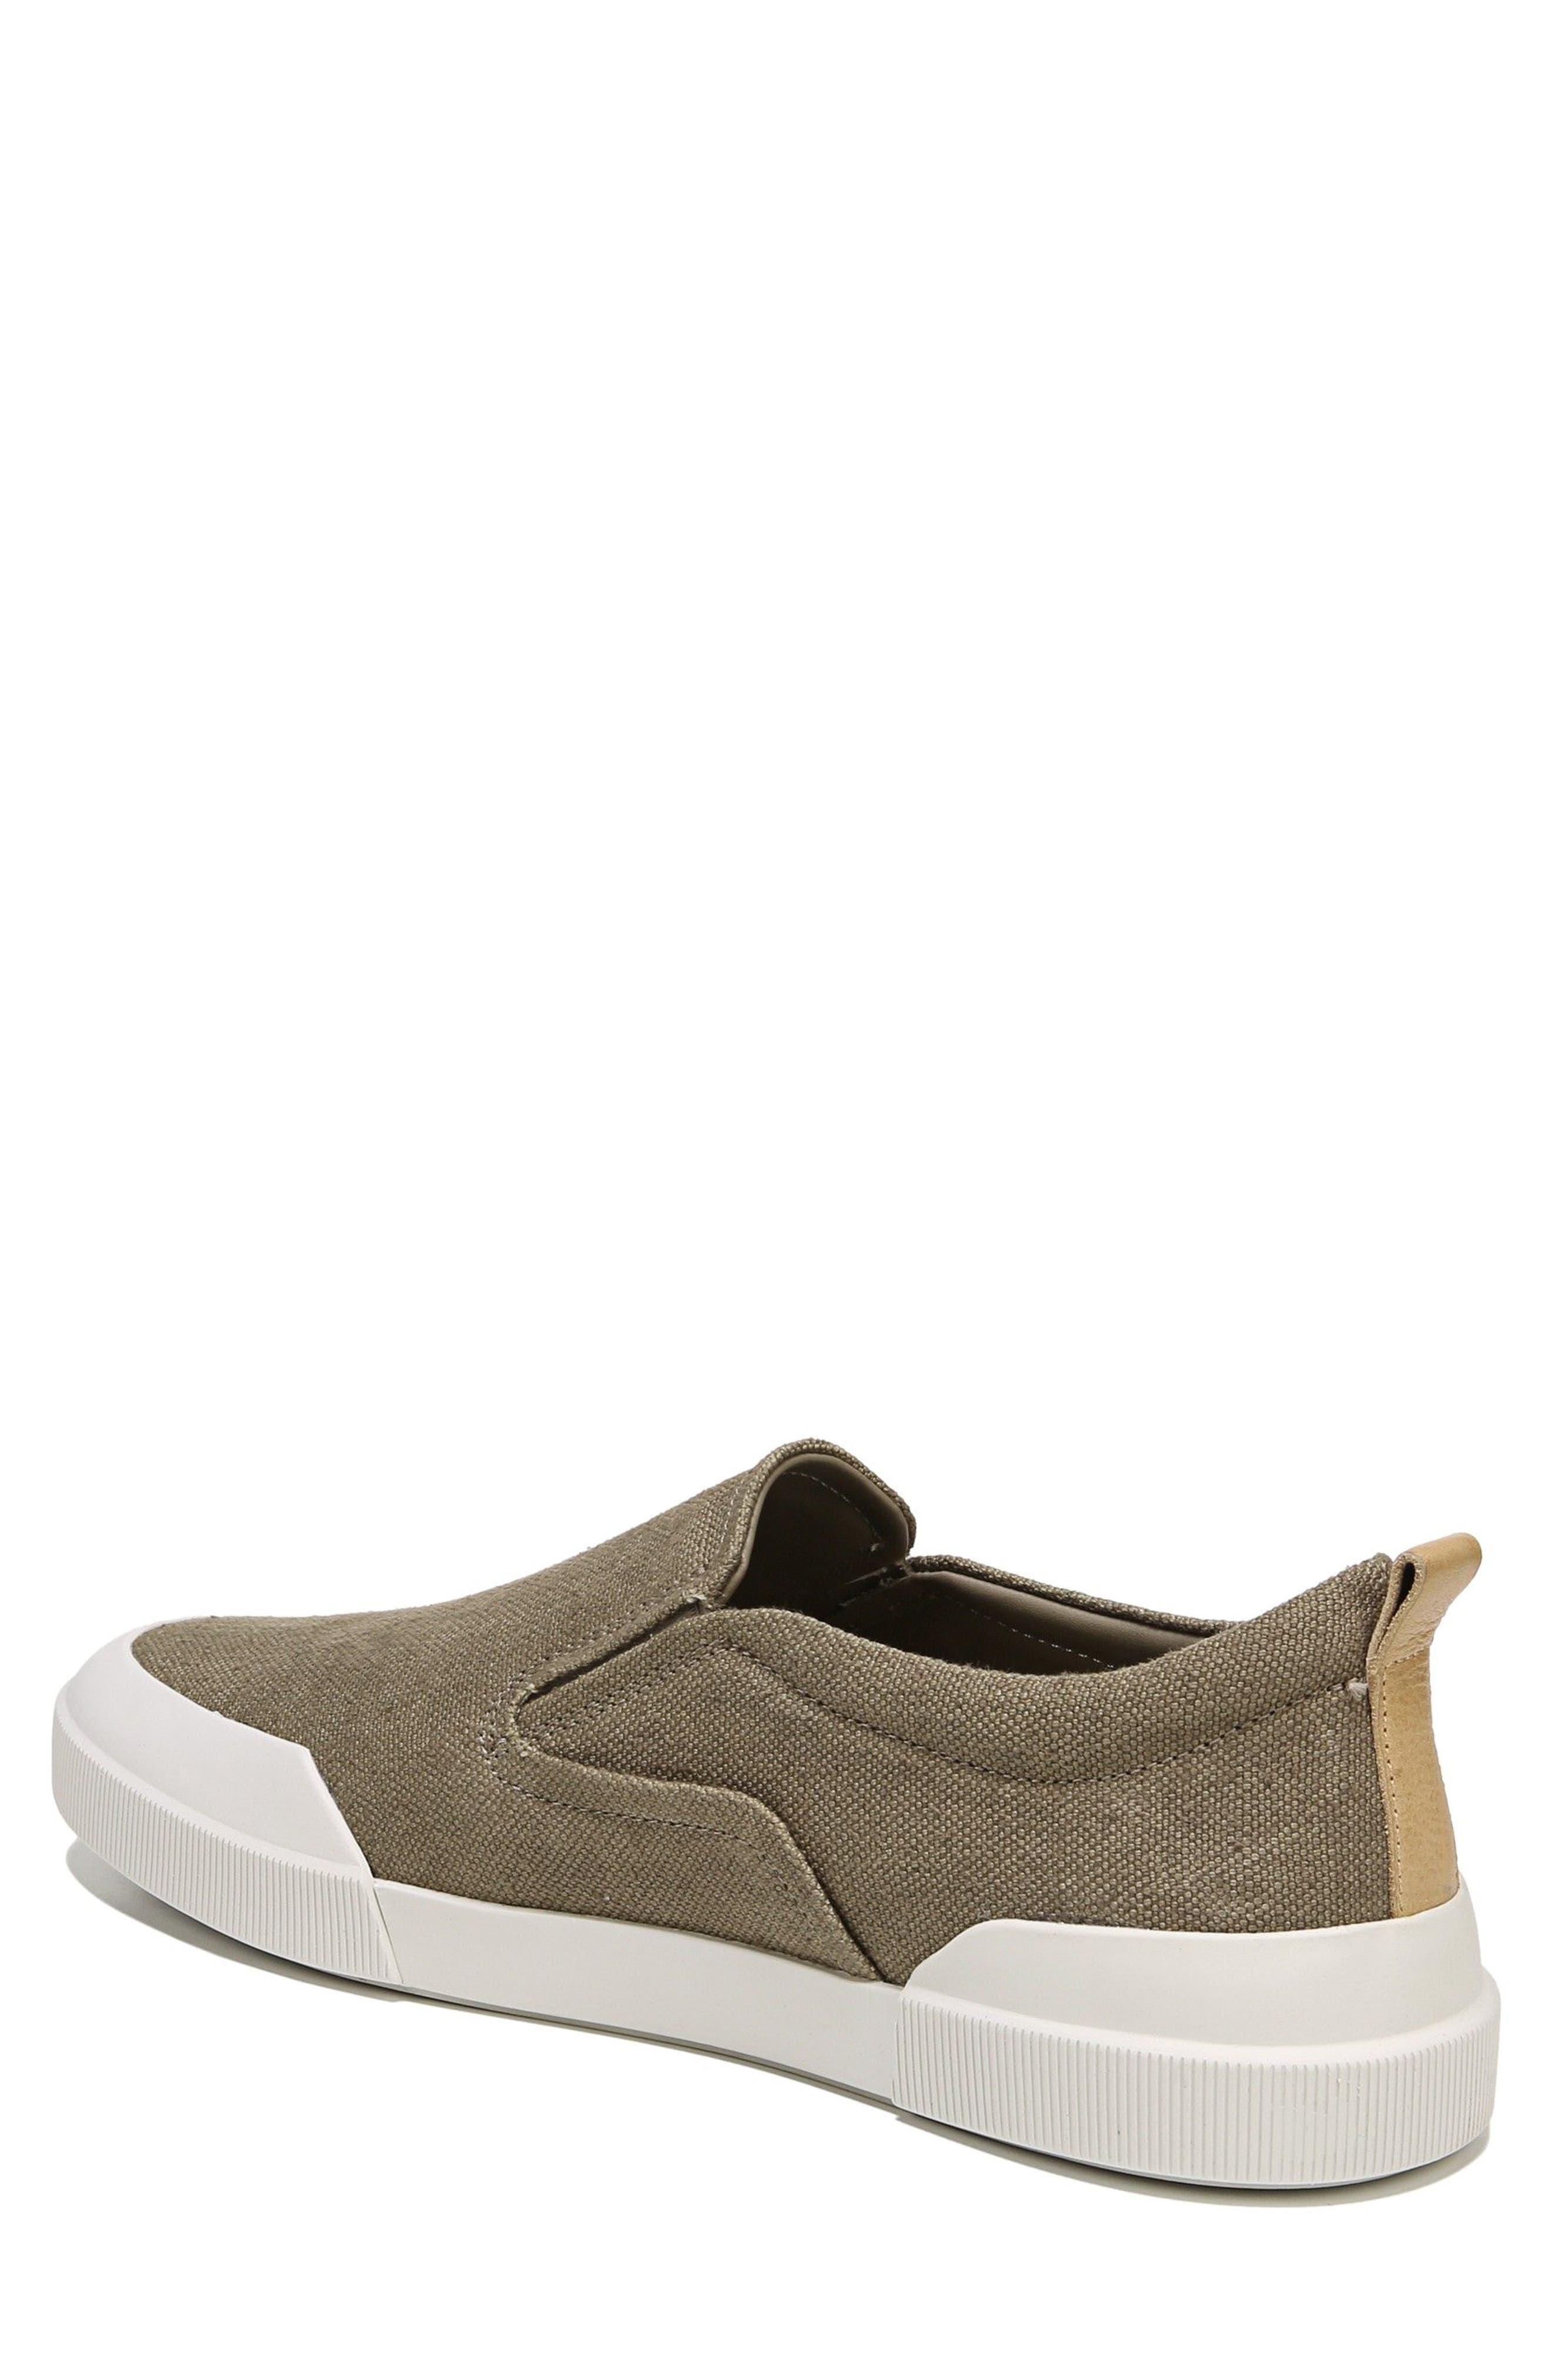 Vernon Slip-On Sneaker,                             Alternate thumbnail 8, color,